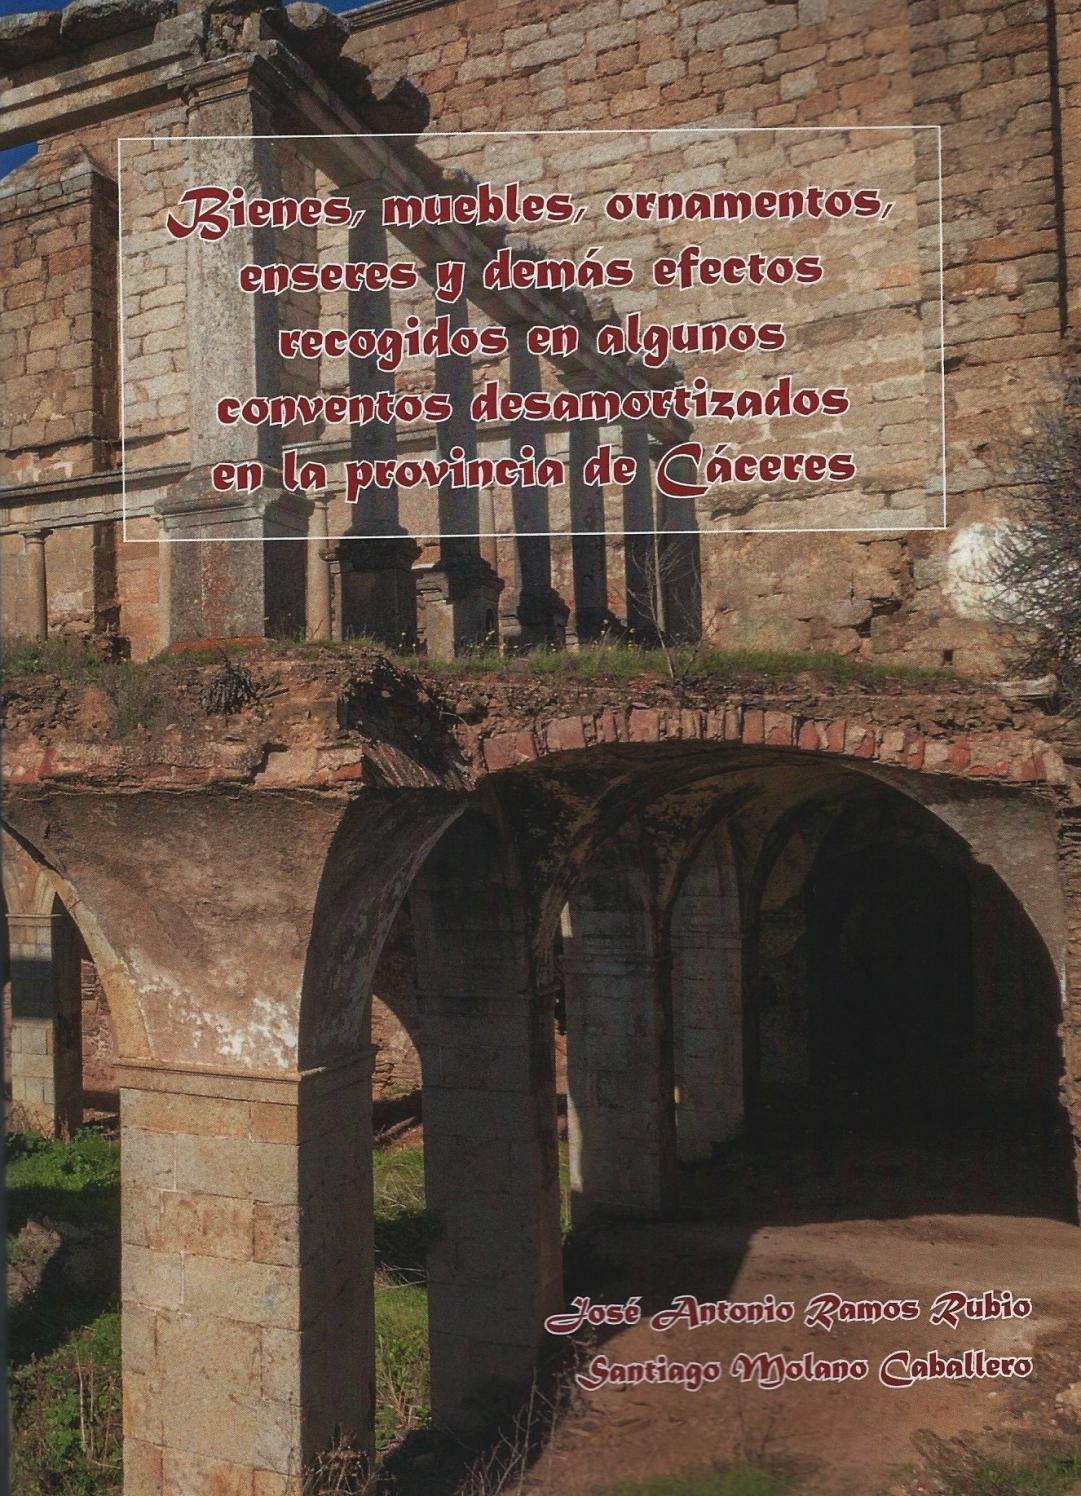 Bienes muebles de la provincia de Cáceres recogidos en algunos conventos  desamortizados by Biblioteca Virtual Extremeña - issuu 5976552758c